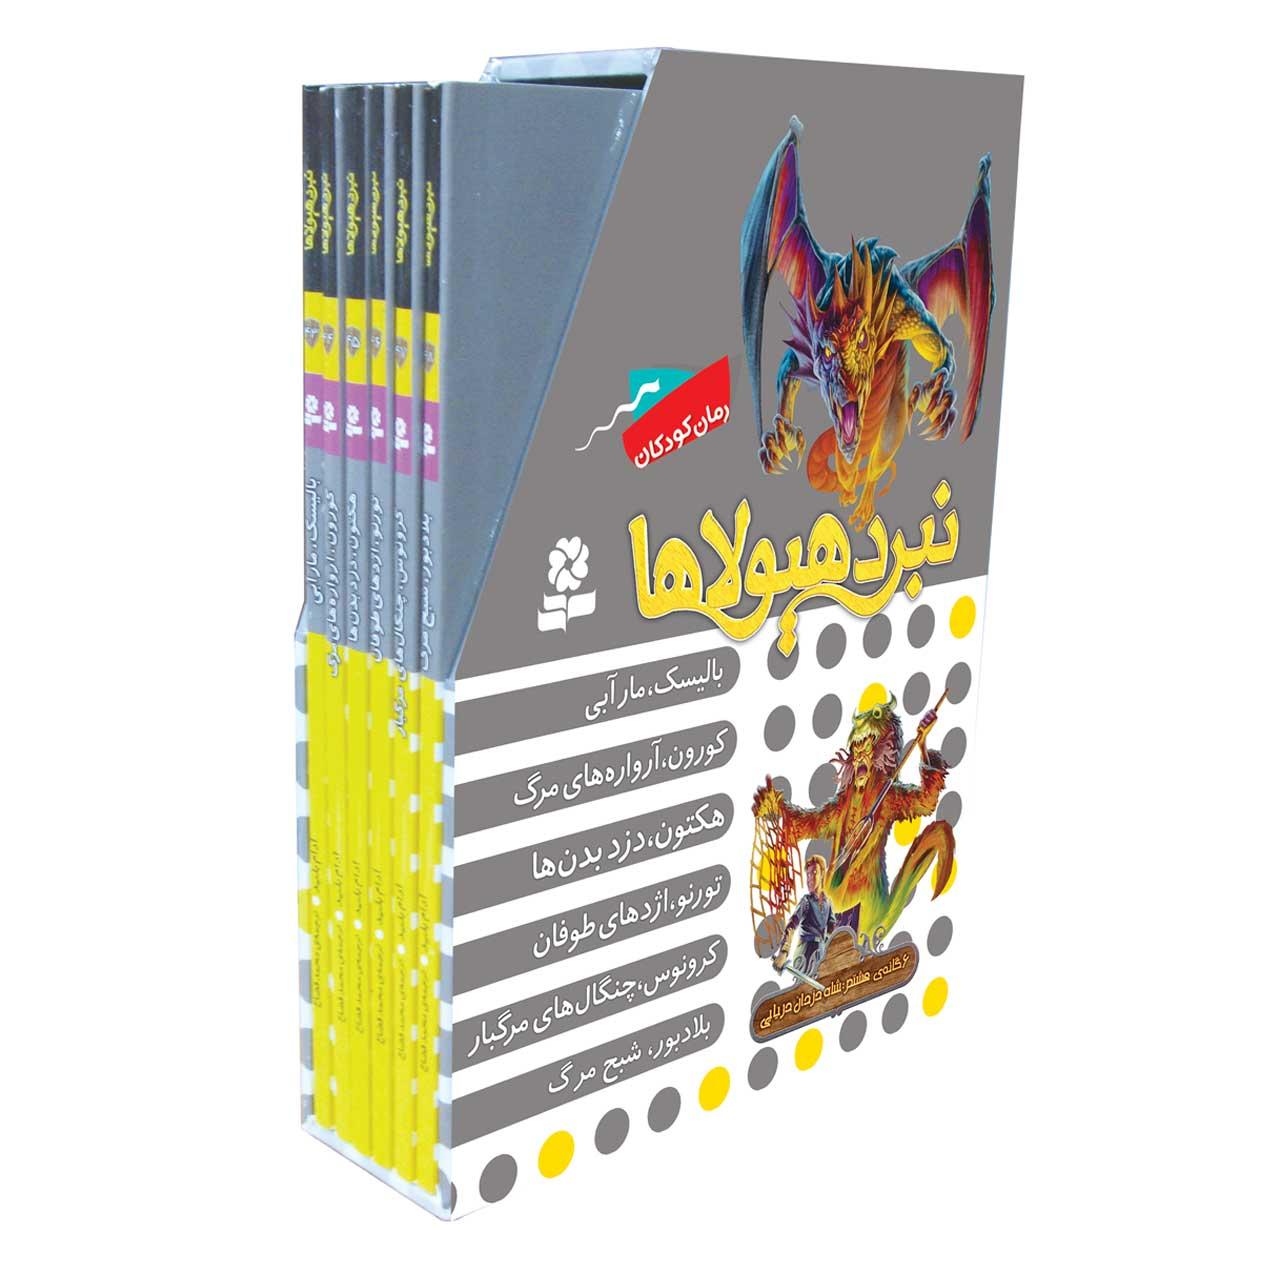 خرید                      کتاب نبرد هیولاها شاه دزدان دریایی اثر آدام بلید انتشارات قدیانی شش گانه هشتم